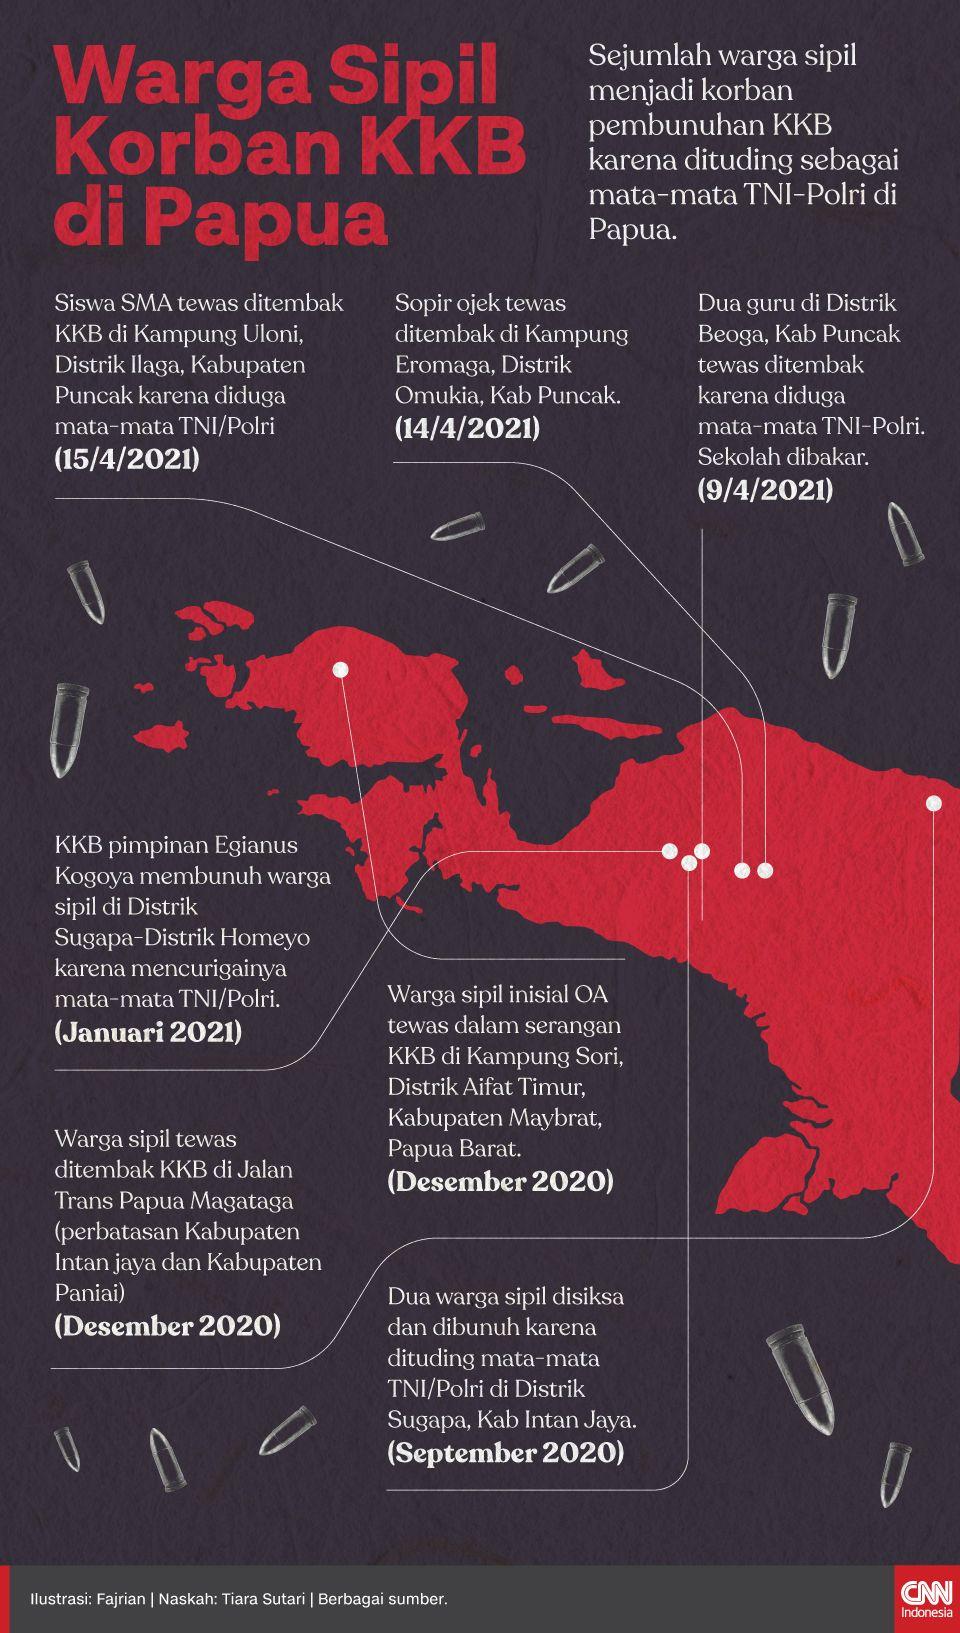 Infografis Warga sipil korban KKB di Papua